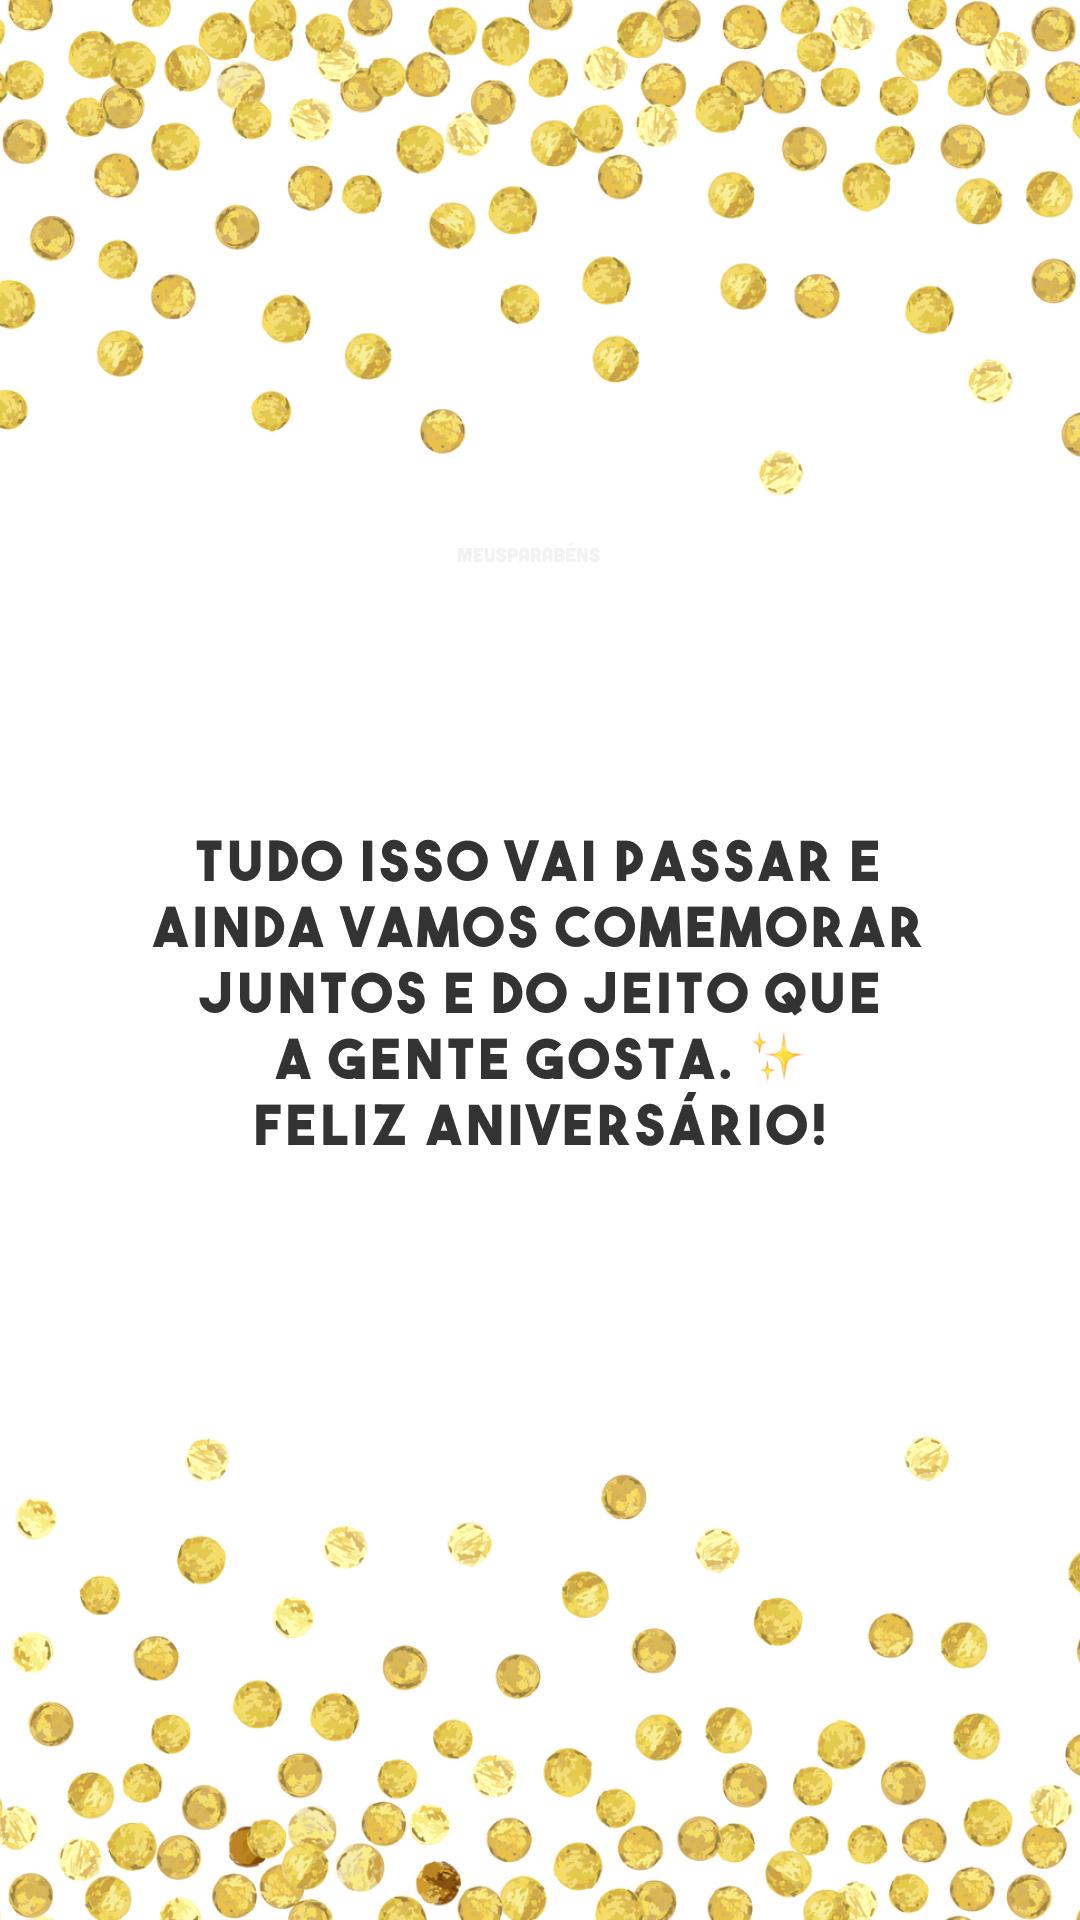 Tudo isso vai passar e ainda vamos comemorar juntos e do jeito que a gente gosta. Feliz aniversário! ✨